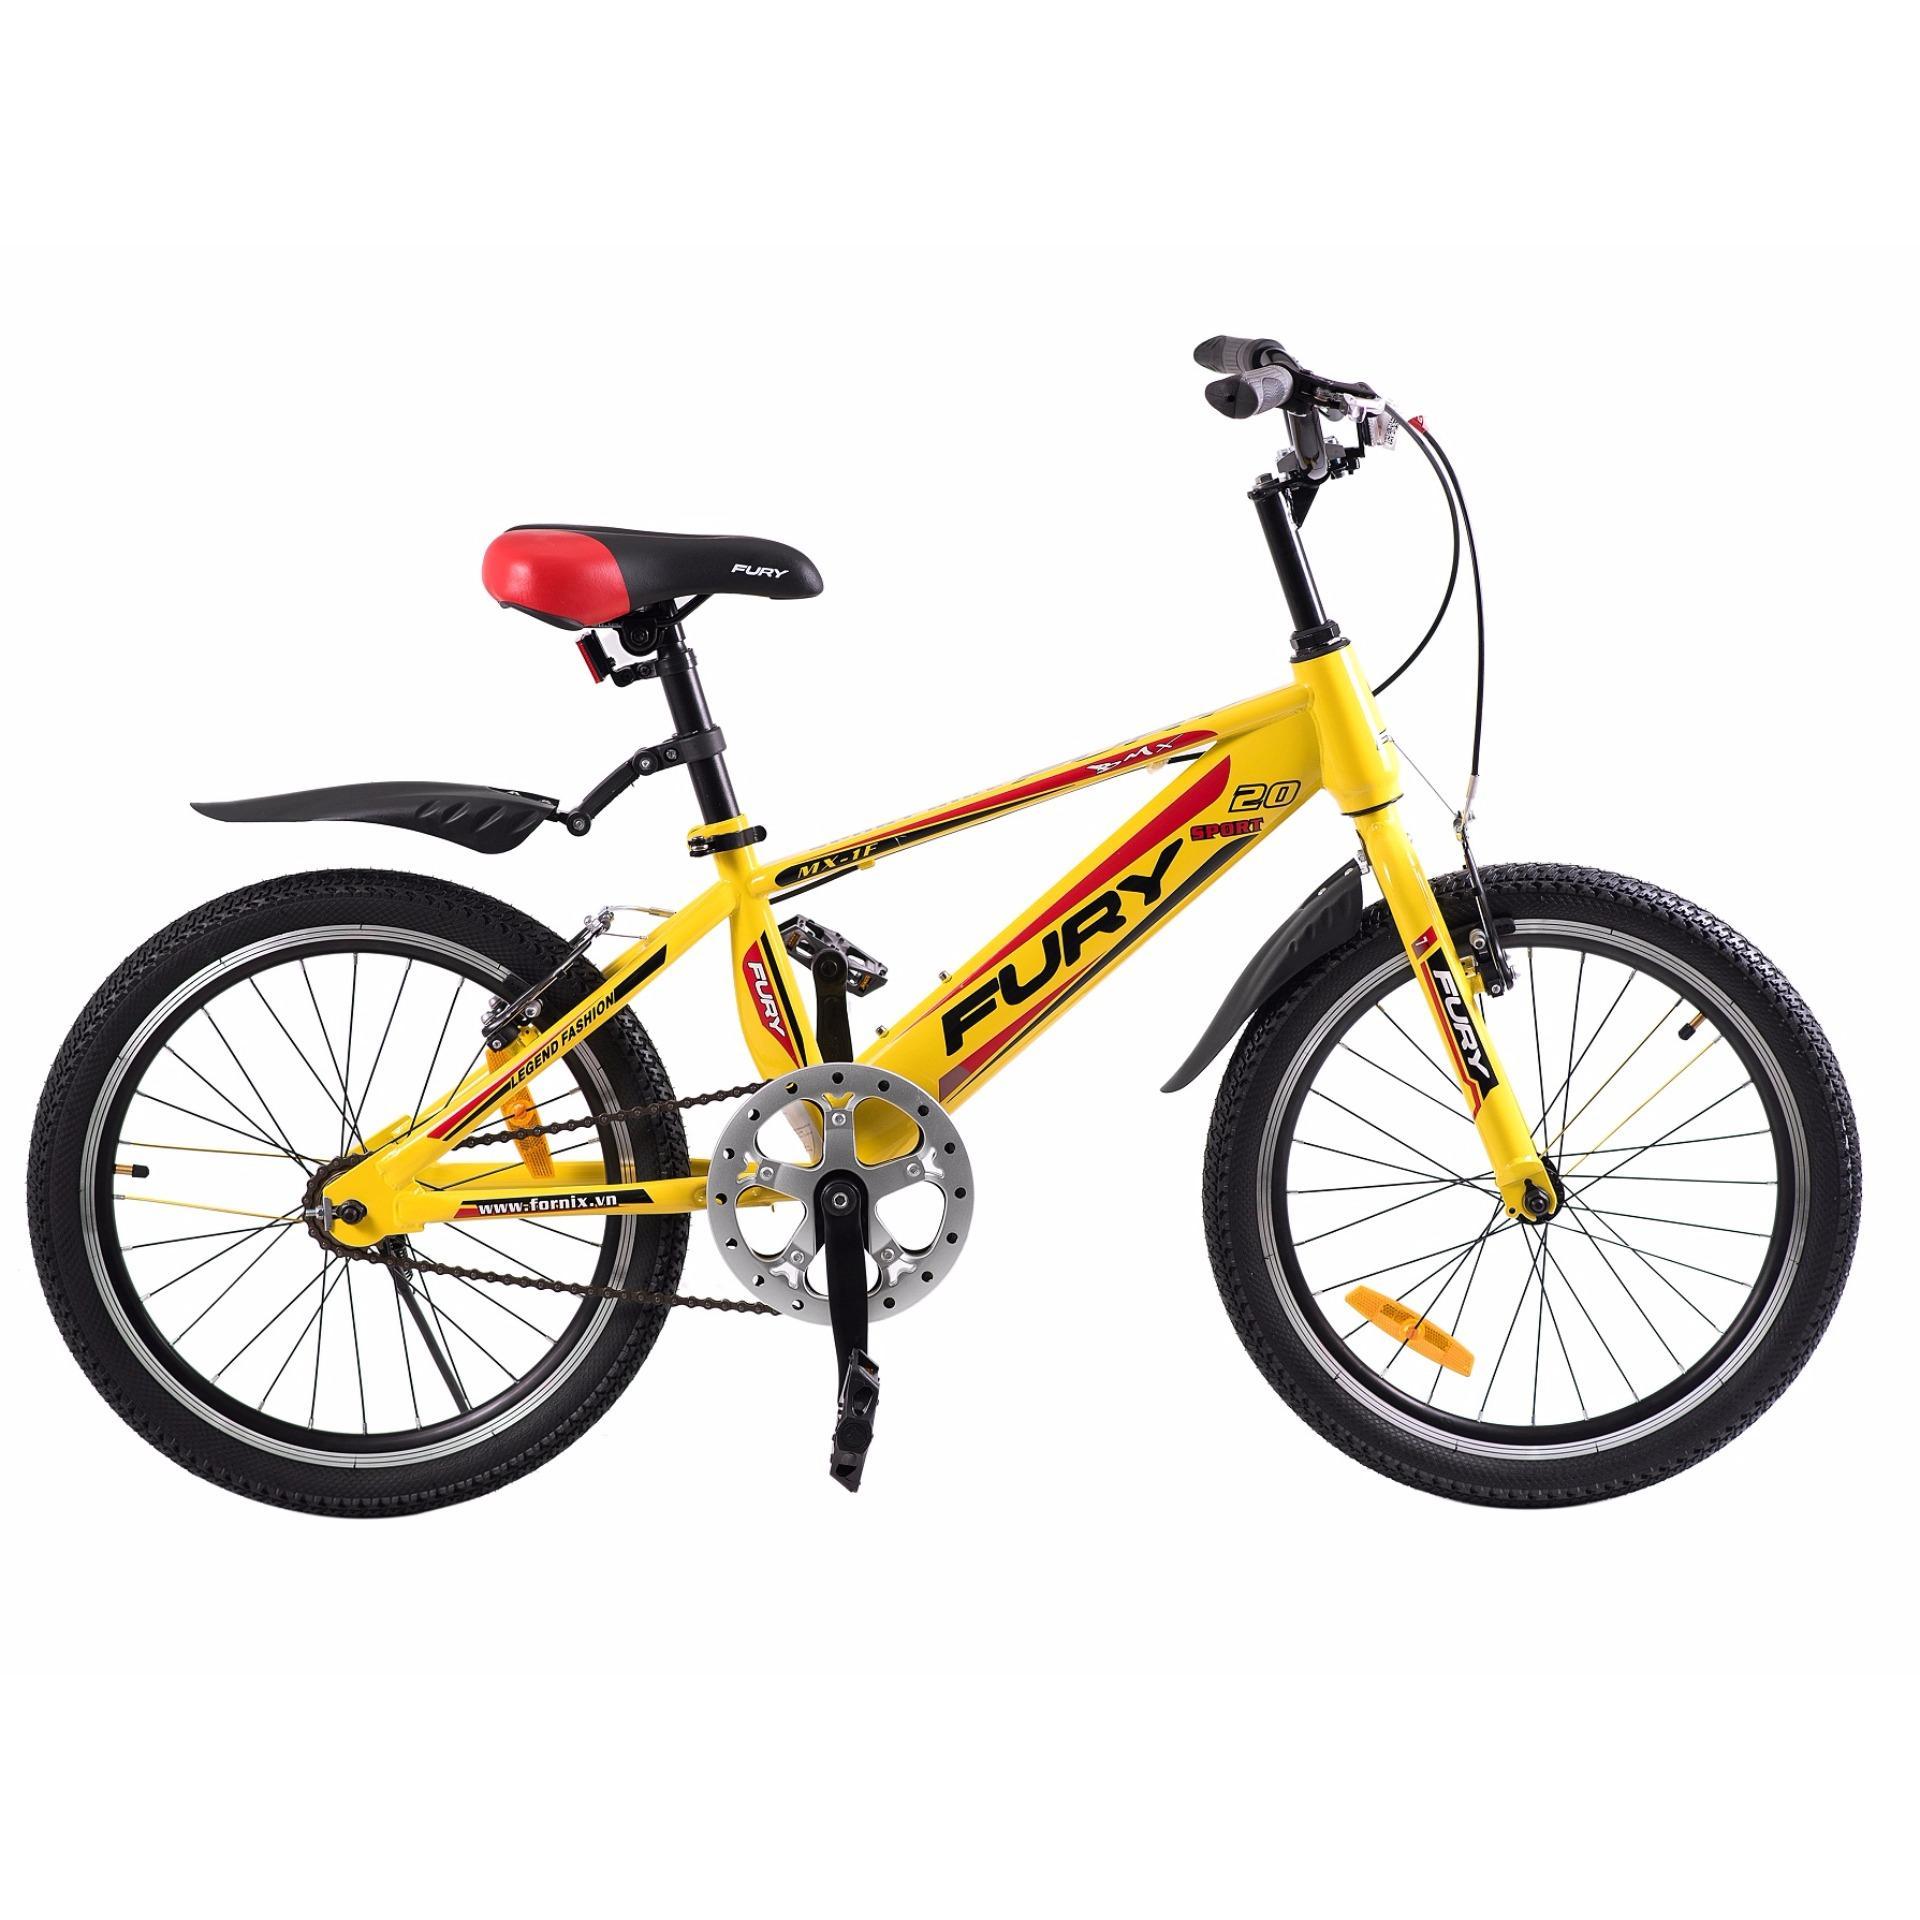 Xe đạp BMX, hiệu FURY, mã MX-1F ( vàng đỏ )